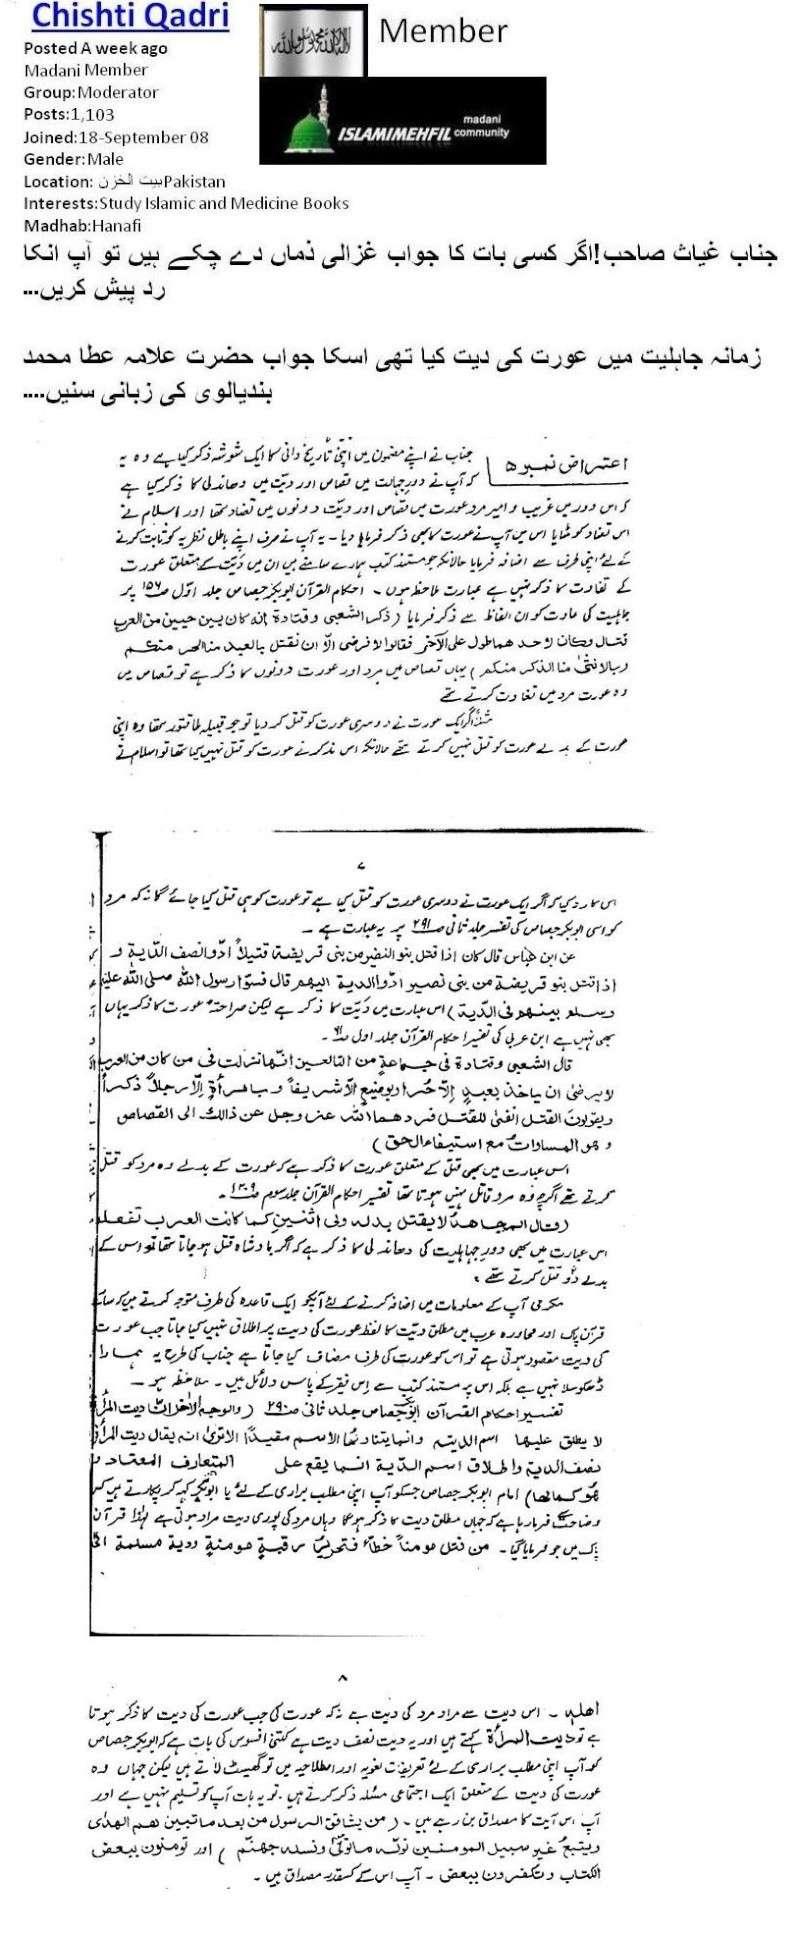 دیت کی جعلی فتوی فیکٹری پر منہاج القرآن کی فتح کا جھنڈا - Page 2 3a10